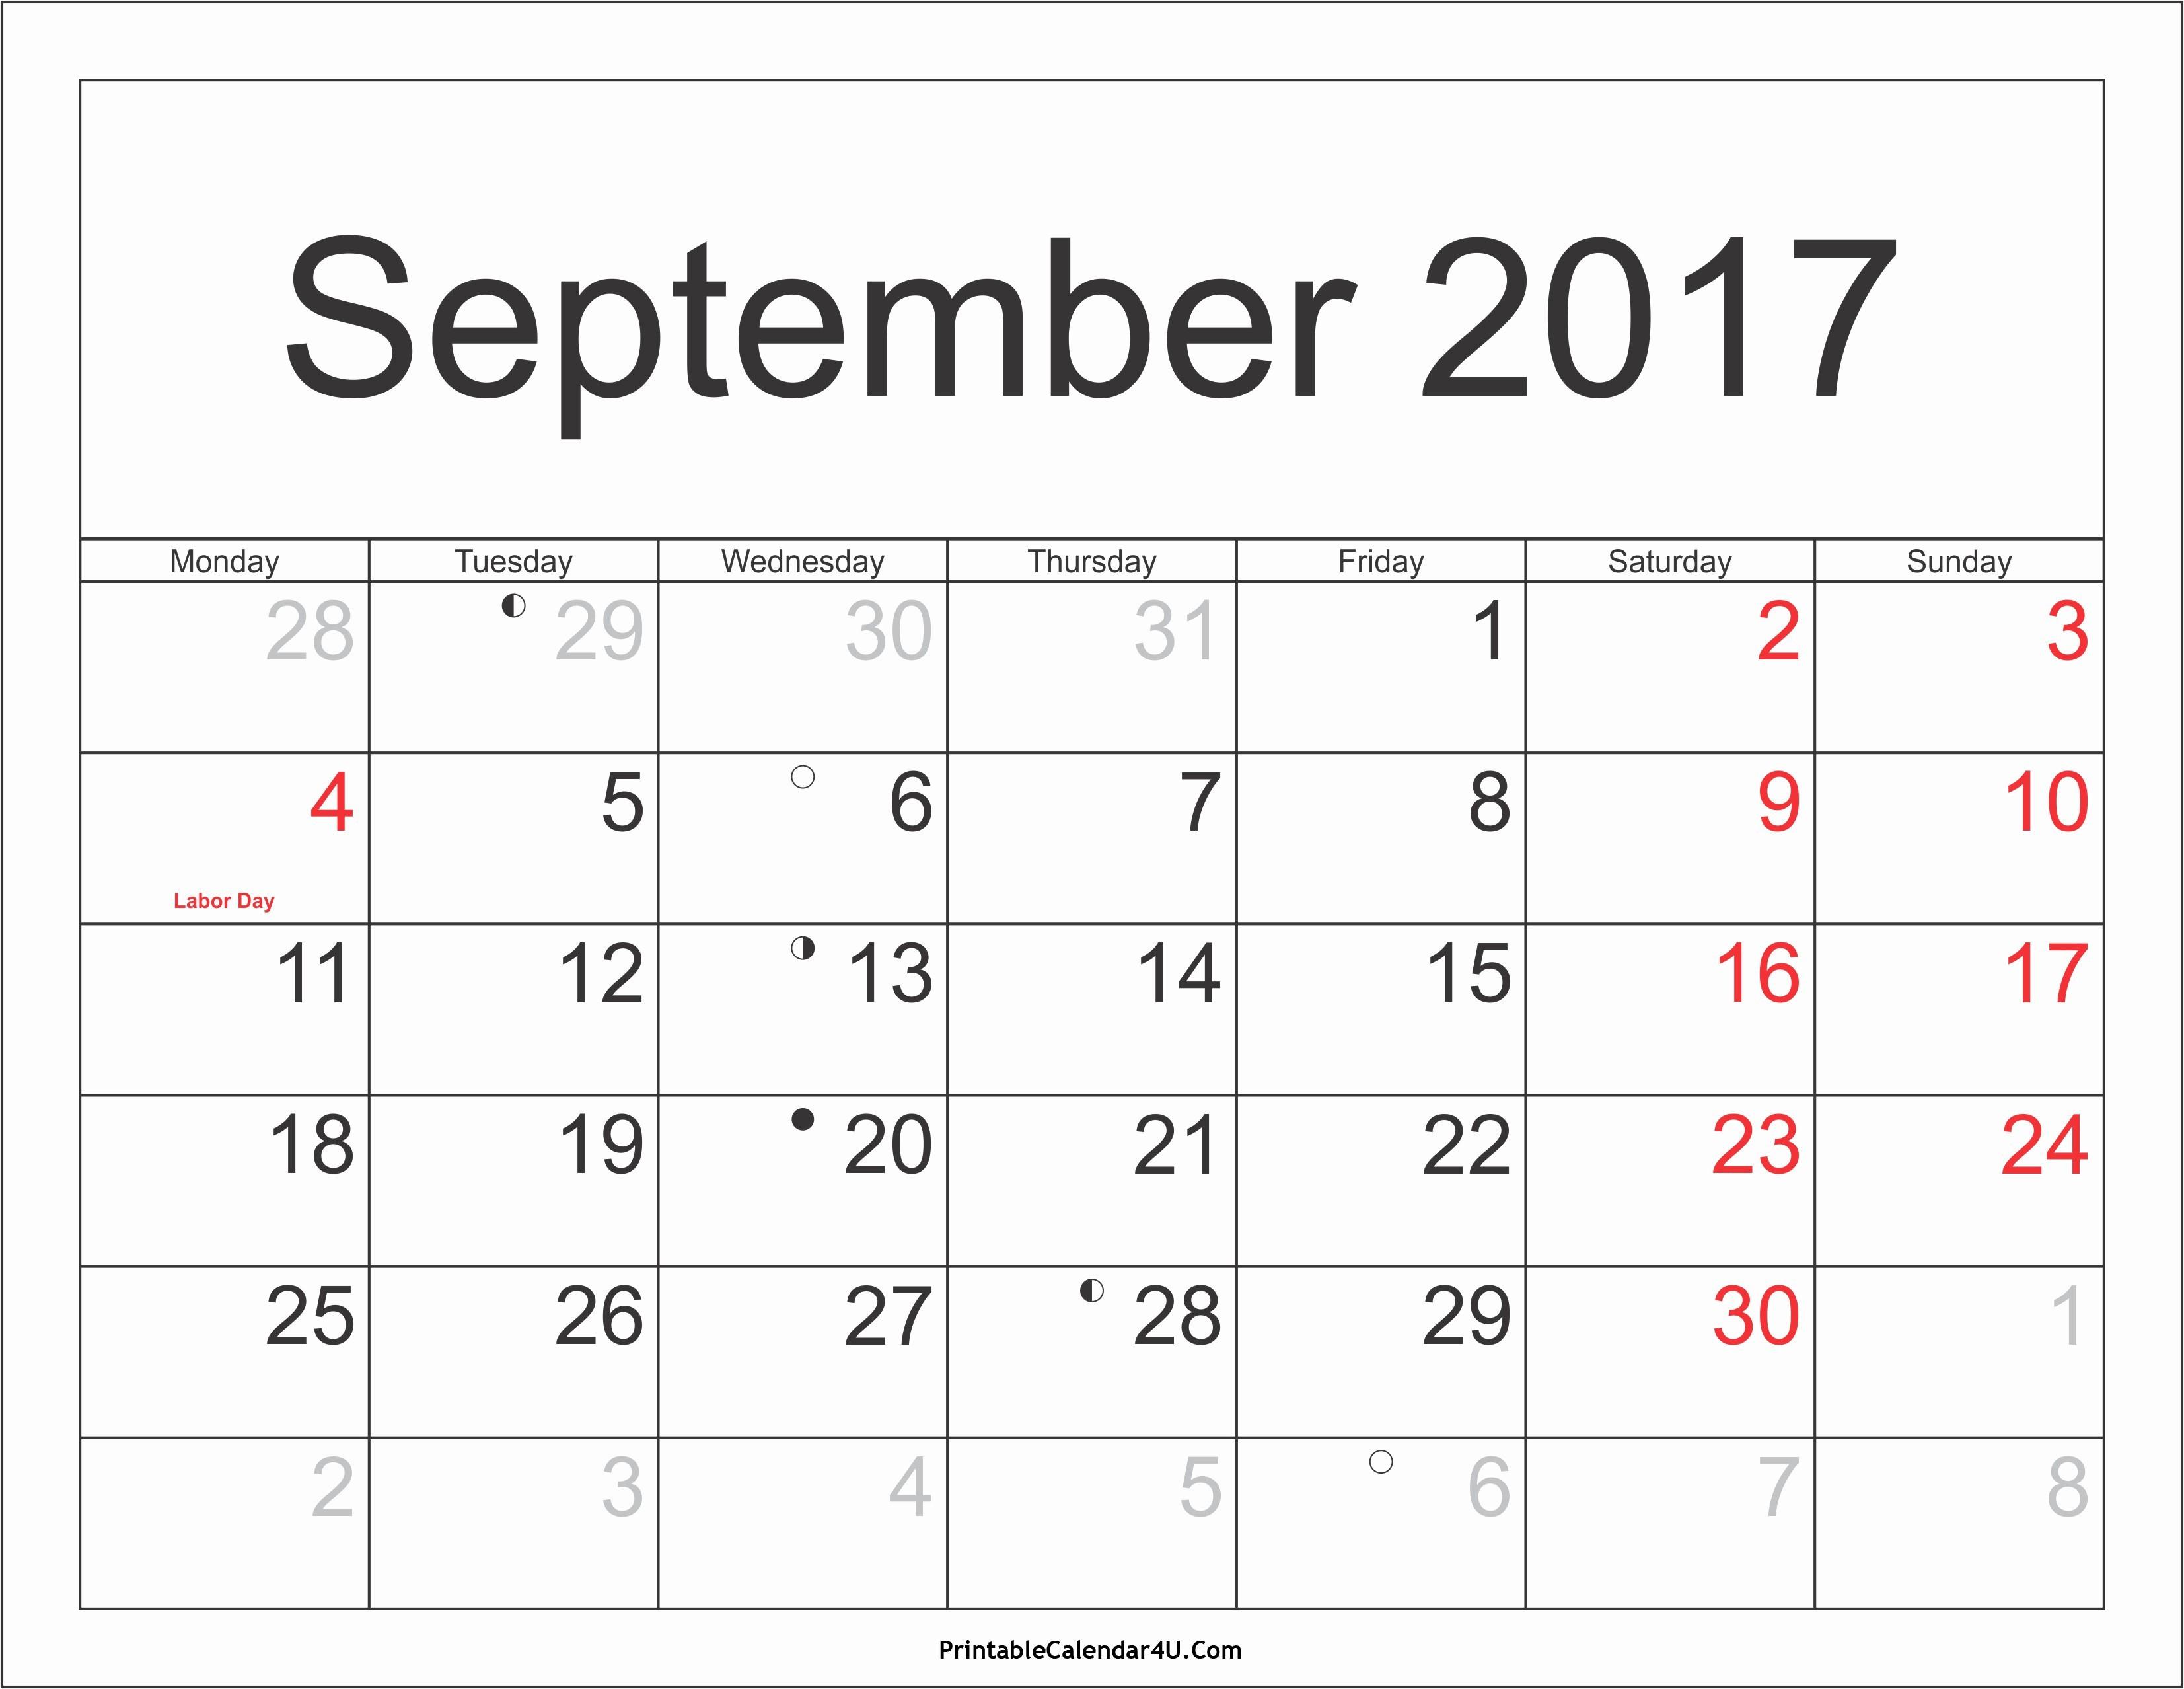 December 2019 Calendar Excel Más Recientemente Liberado 2019 Calendar Victoria Printable Of December 2019 Calendar Excel Mejores Y Más Novedosos Calendar June December 2018